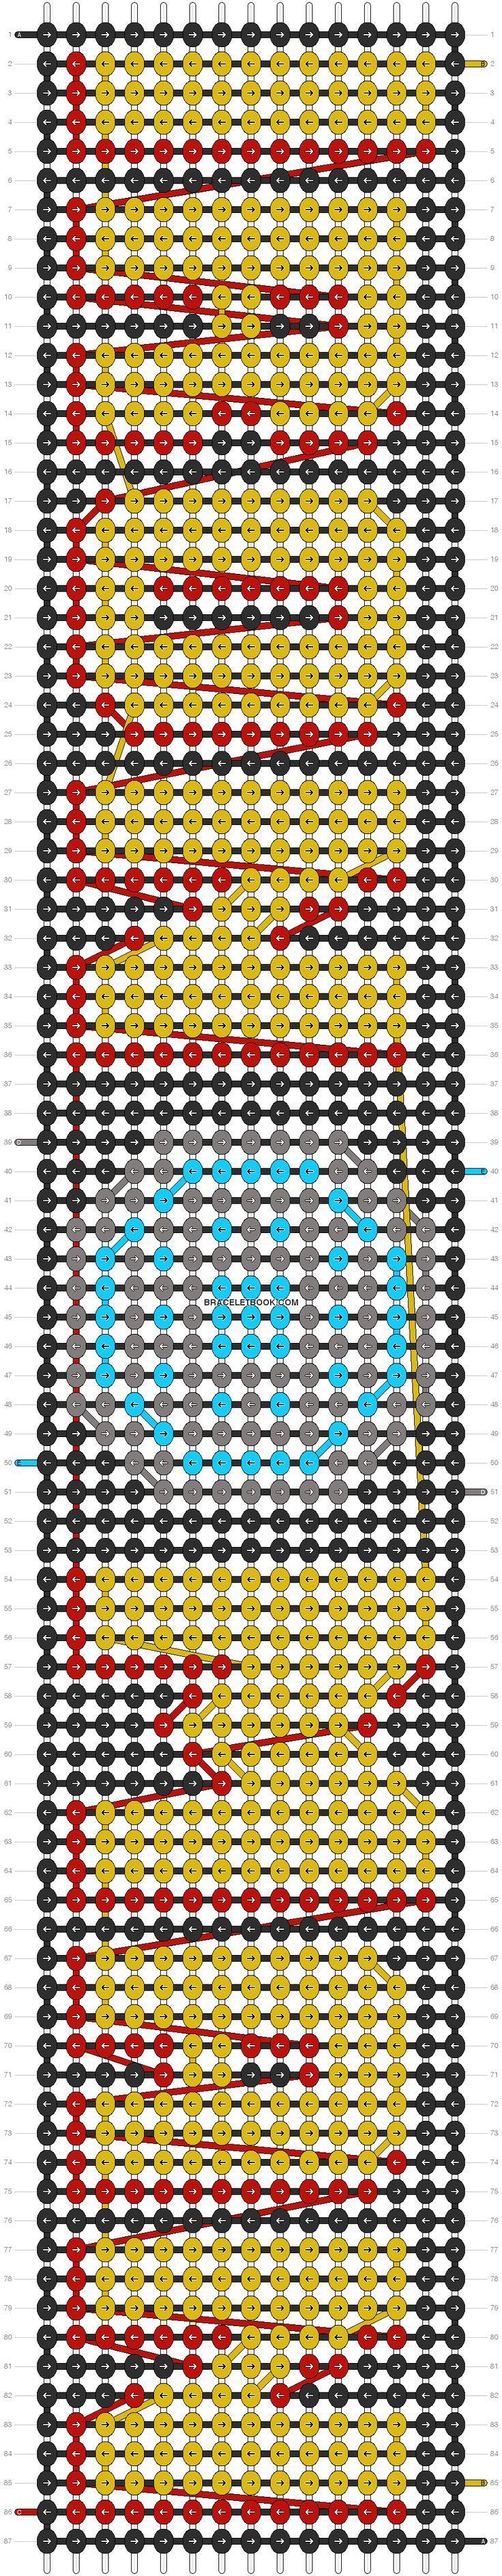 Alpha Patternsloom Patternsbracelet Patternsfriendship